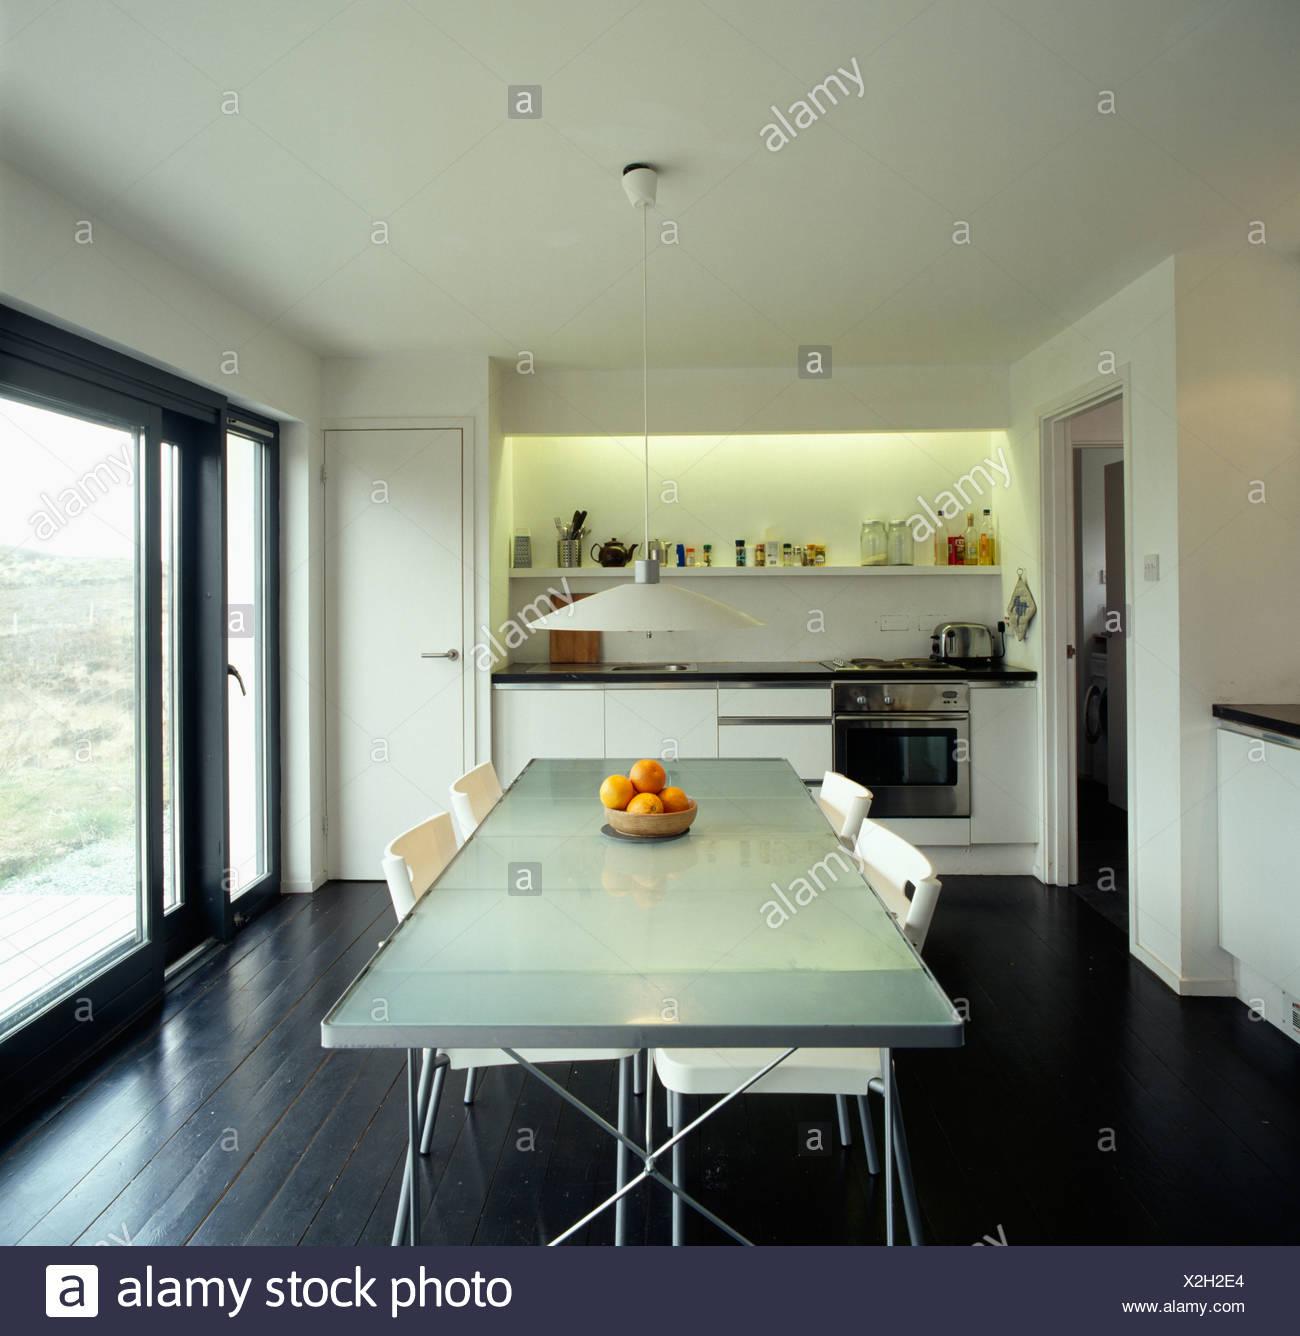 Weisse Stuhle An Undurchsichtigen Glasplatte Tisch In Moderne Kuche